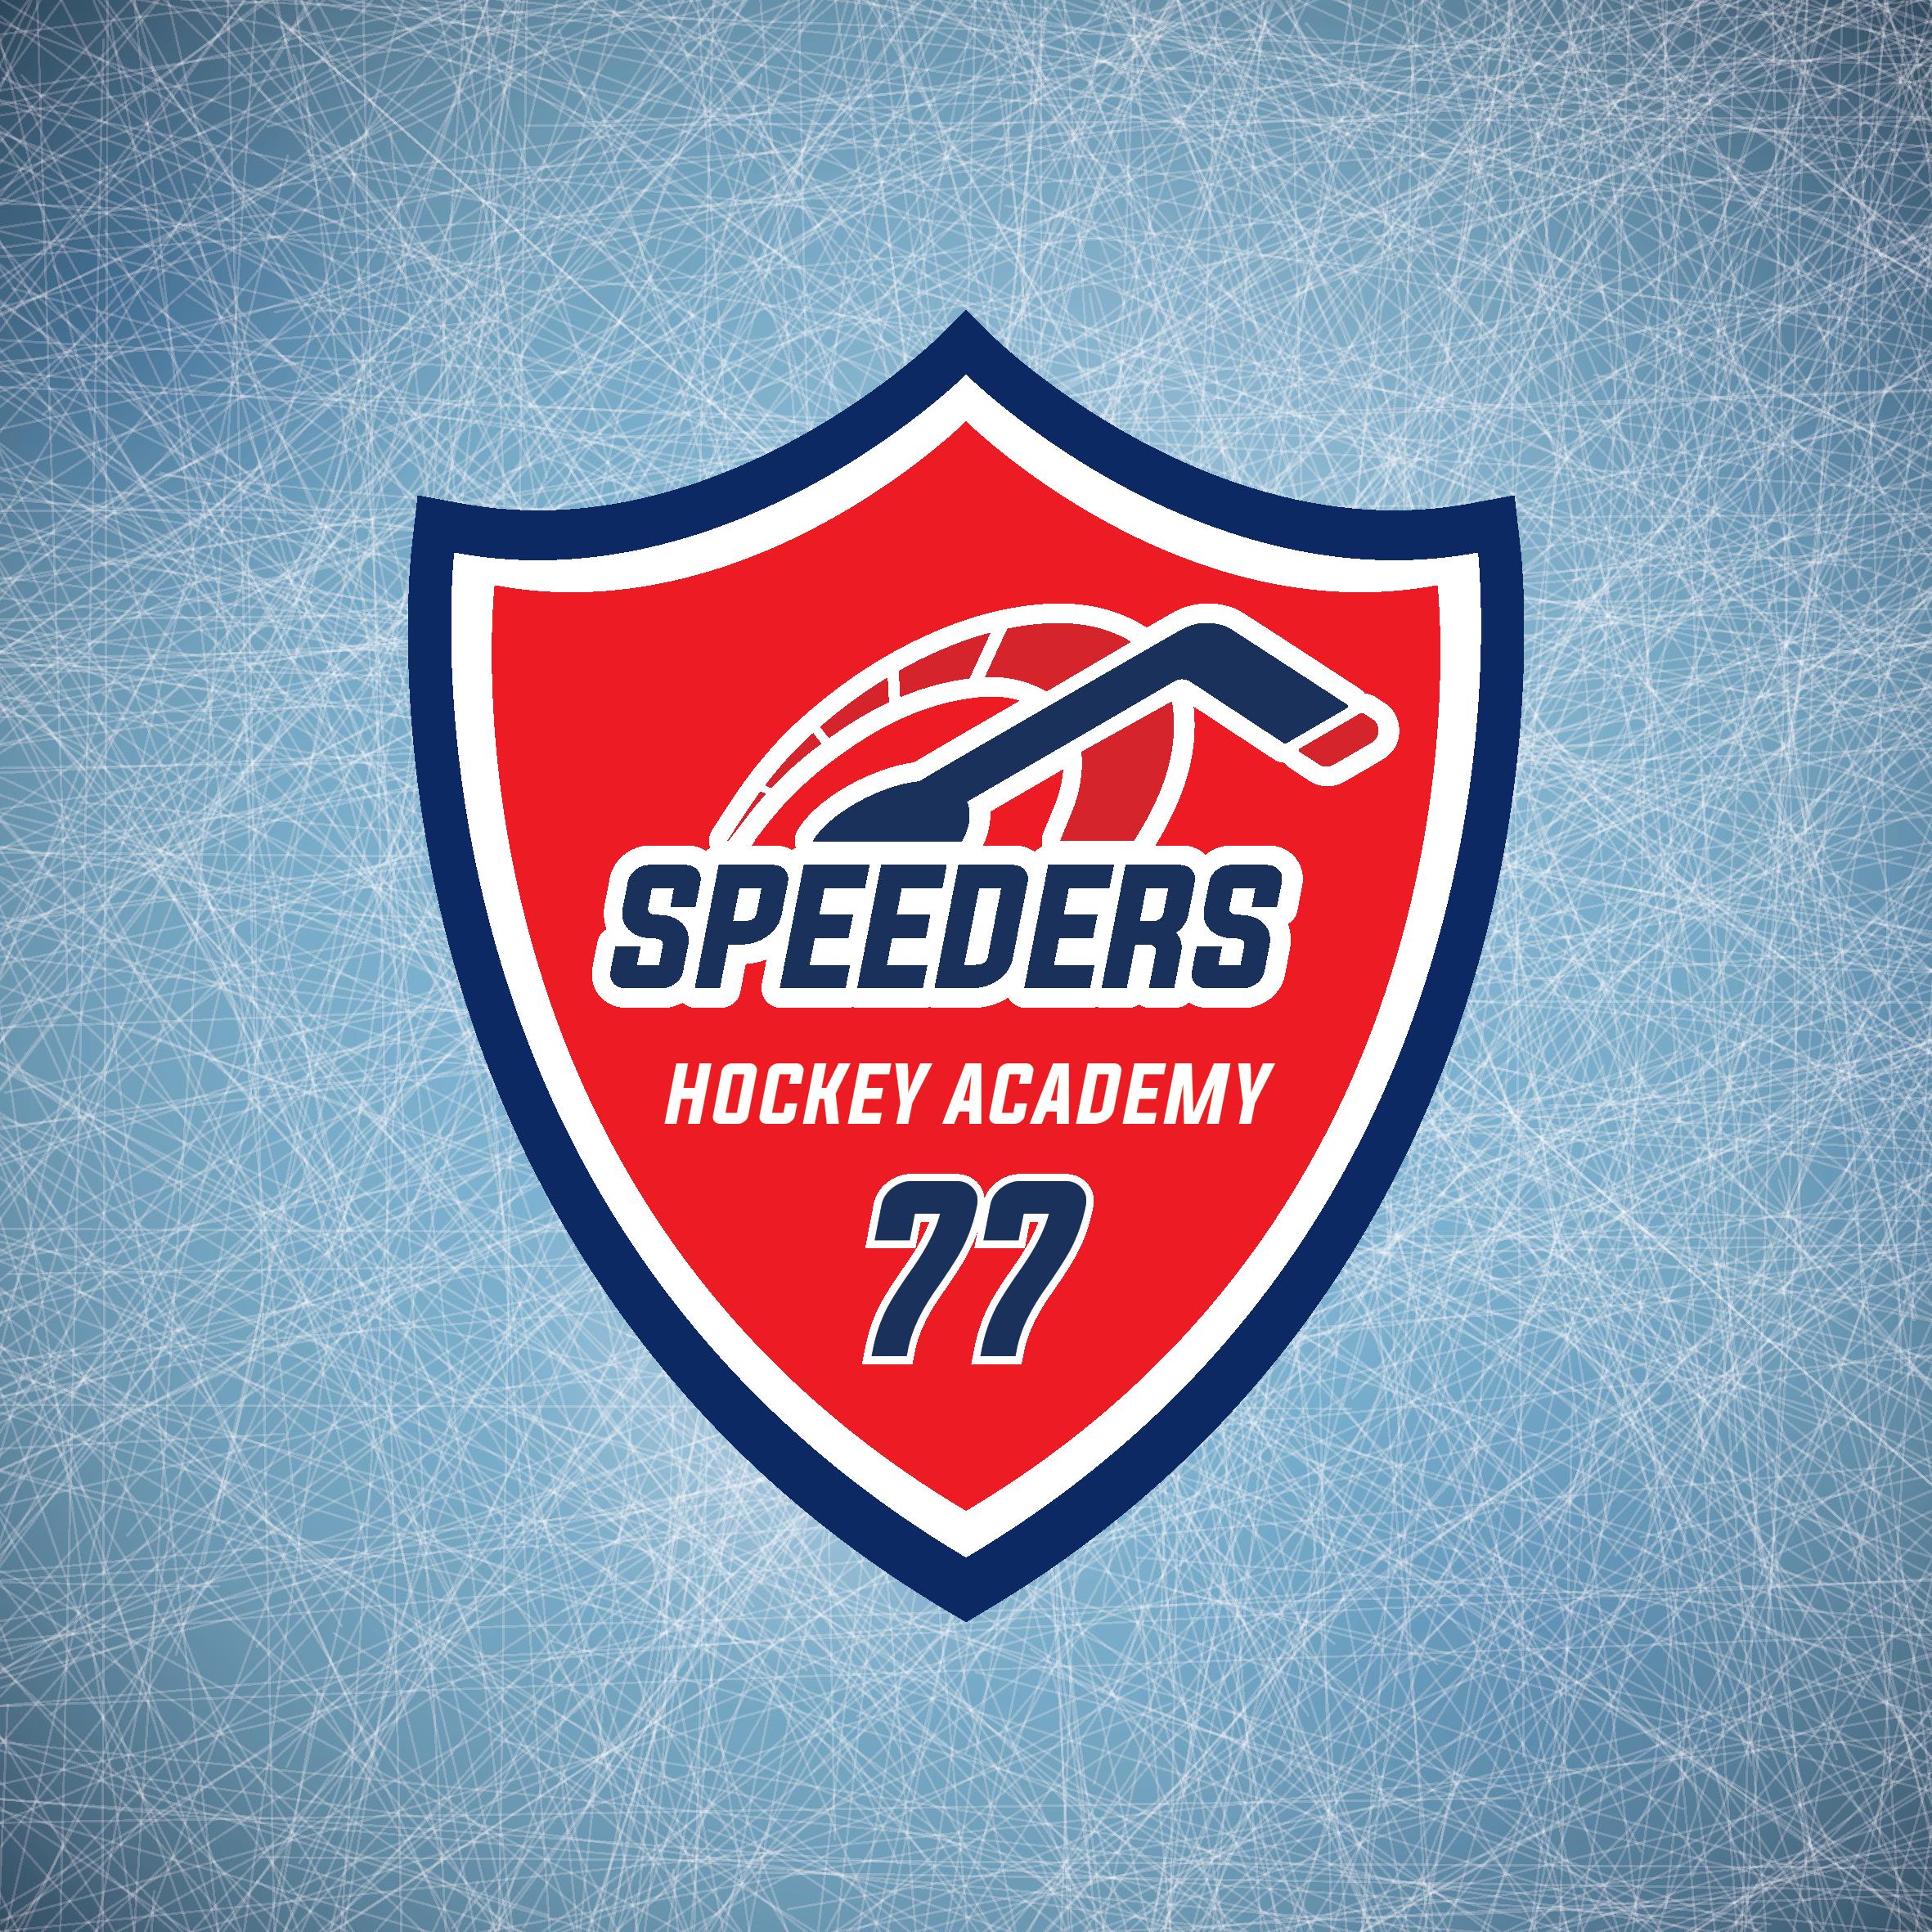 8_2018 speeders stity19